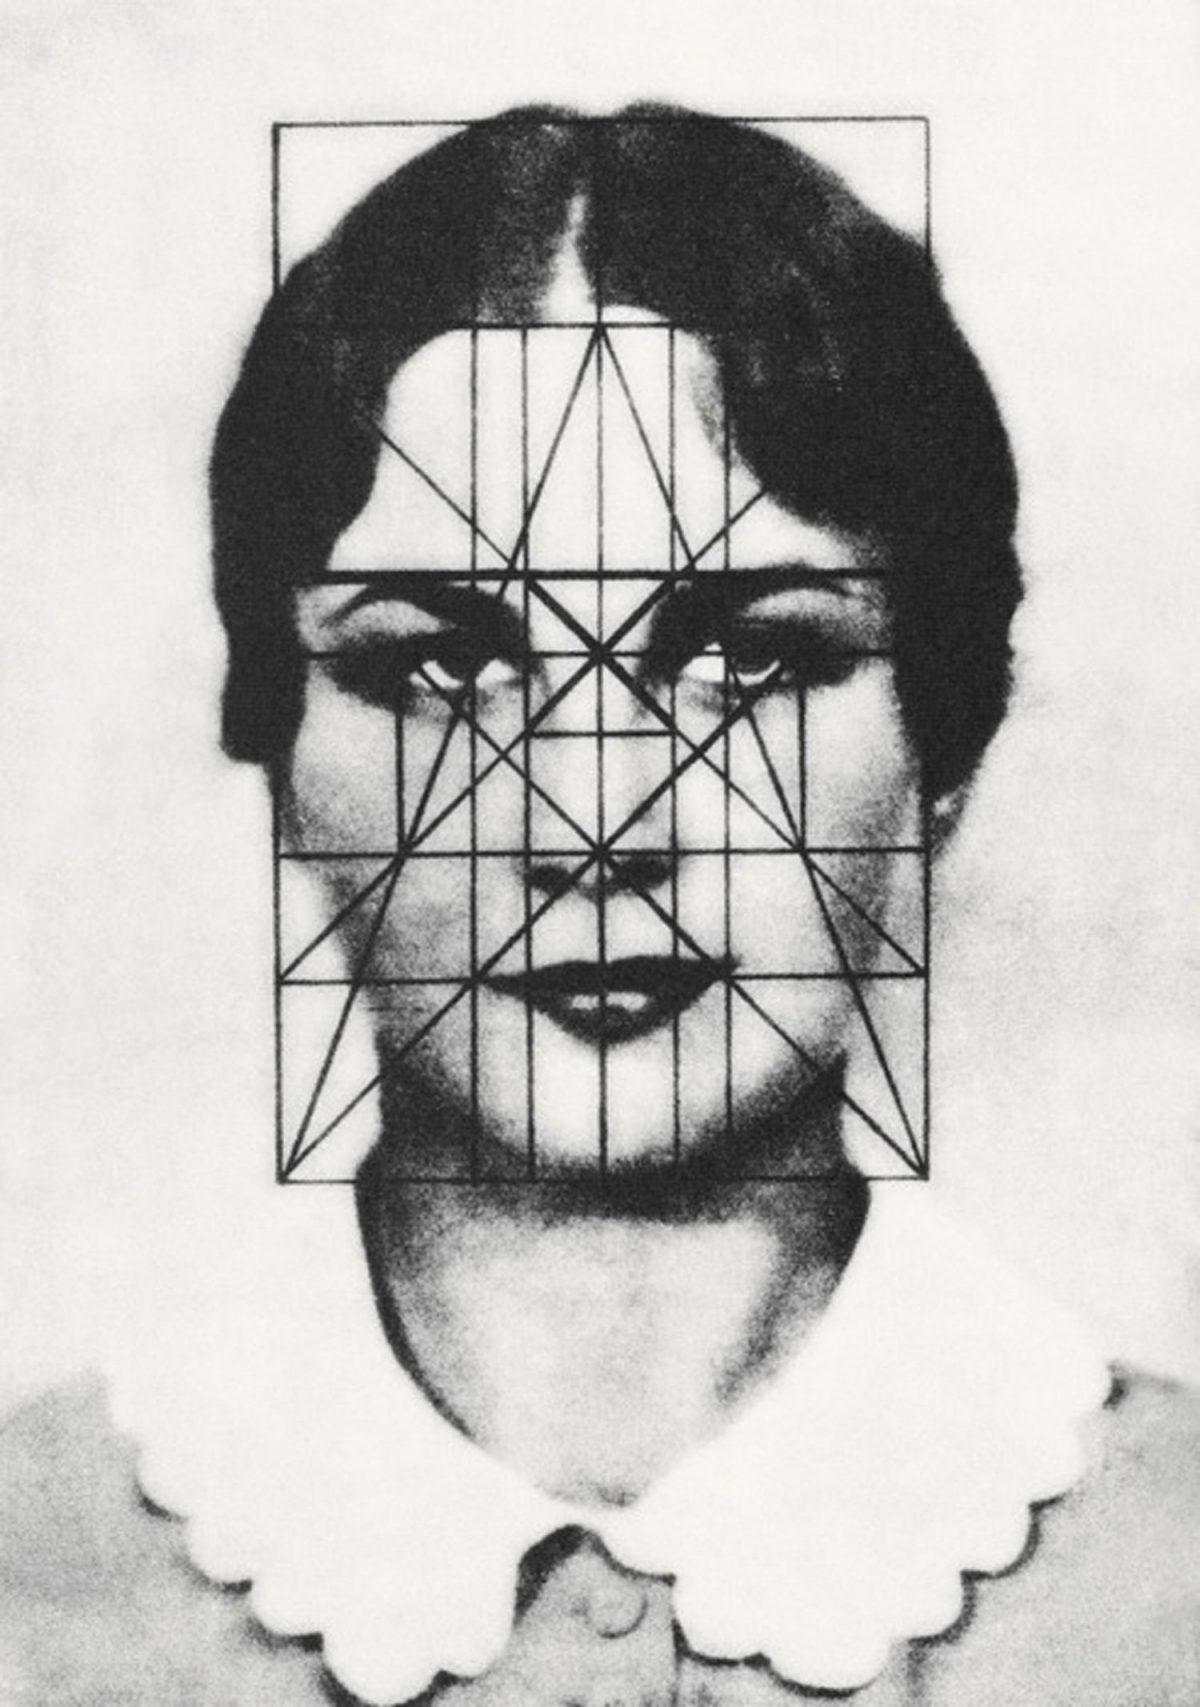 «Analisi delle proporzioni del volto di Helen Wills» di Matila Ghyka (1931)